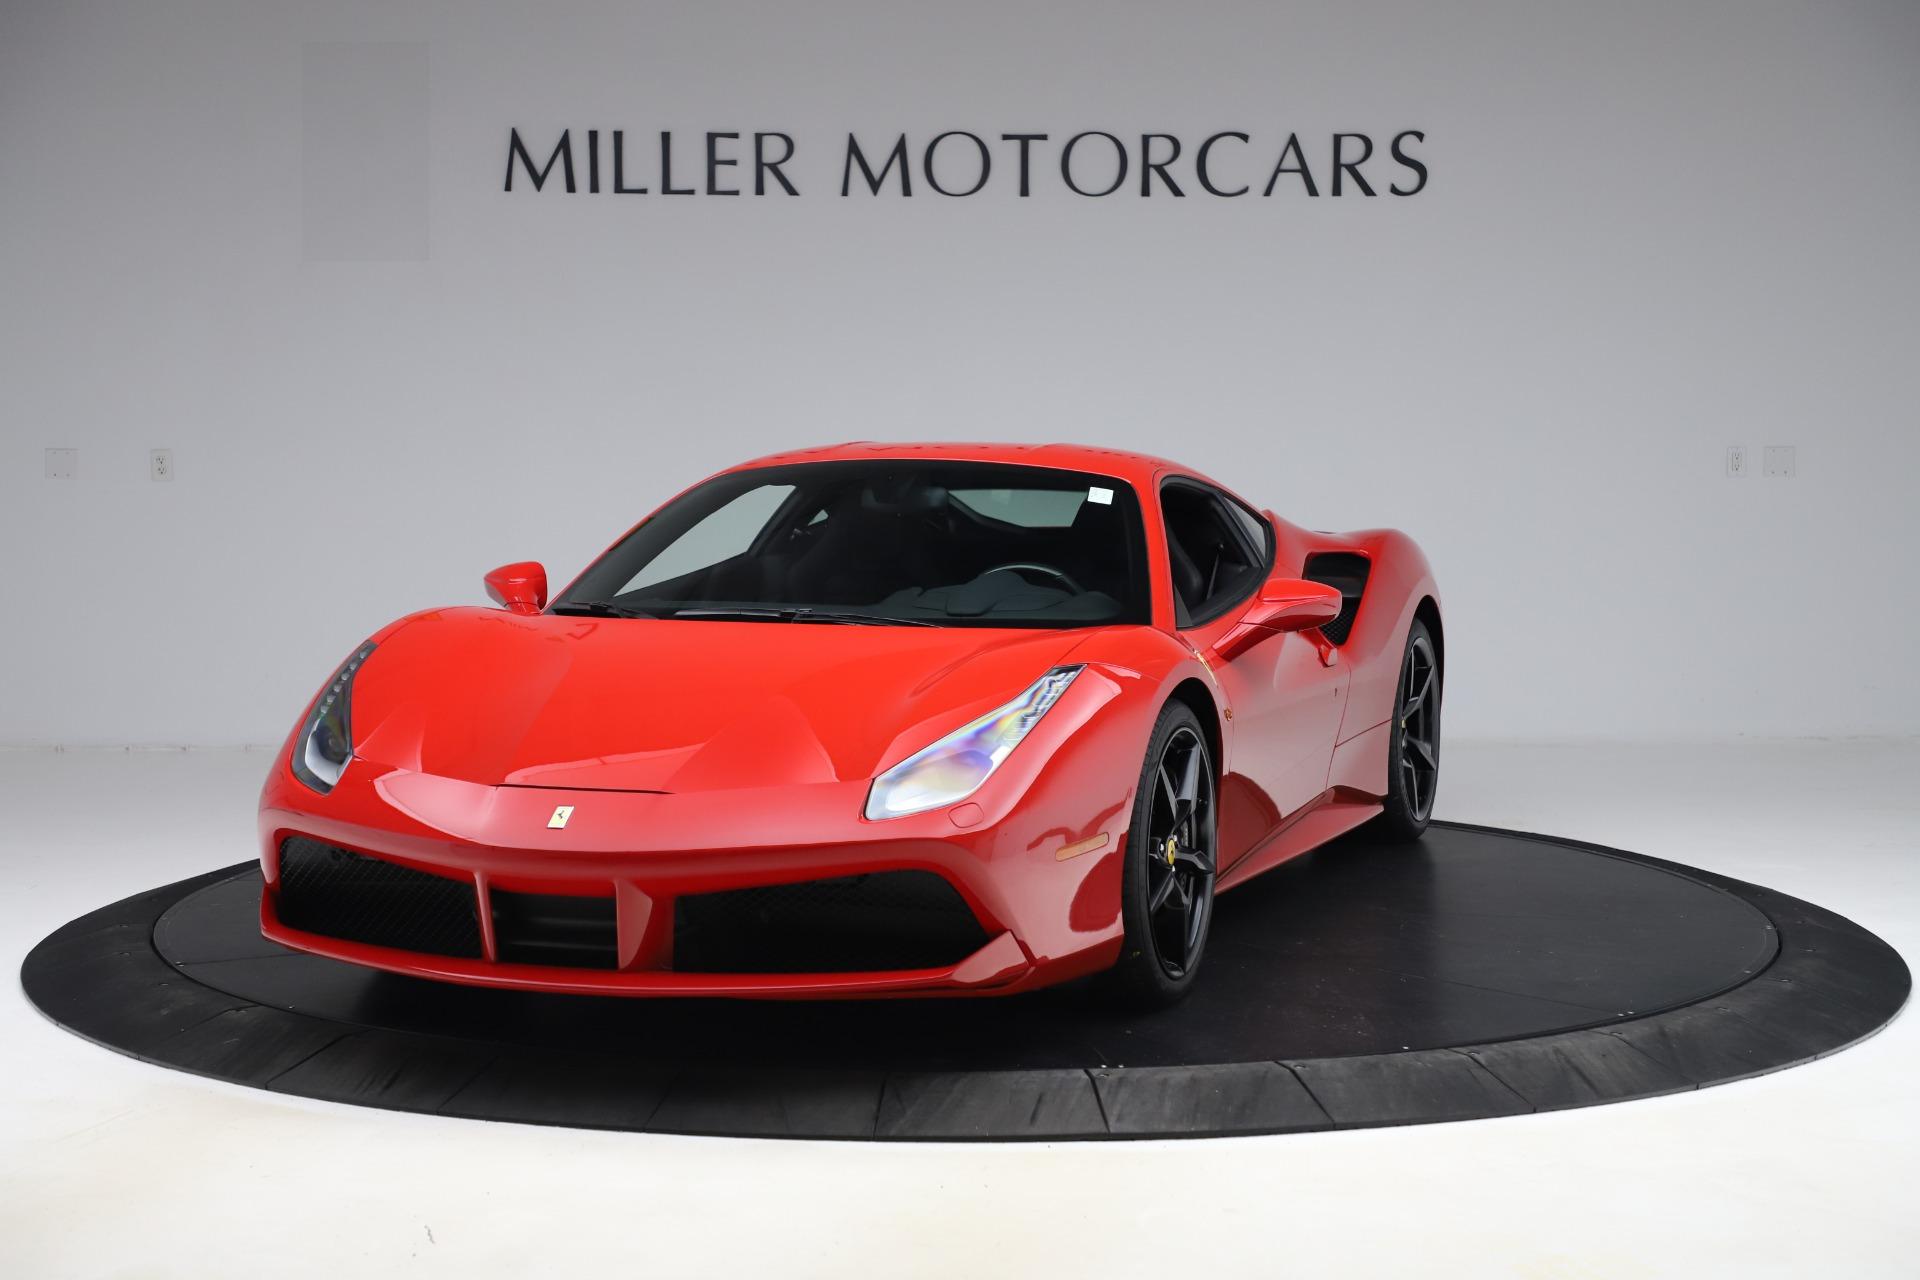 Pre Owned 2018 Ferrari 488 Gtb For Sale Miller Motorcars Stock F1955